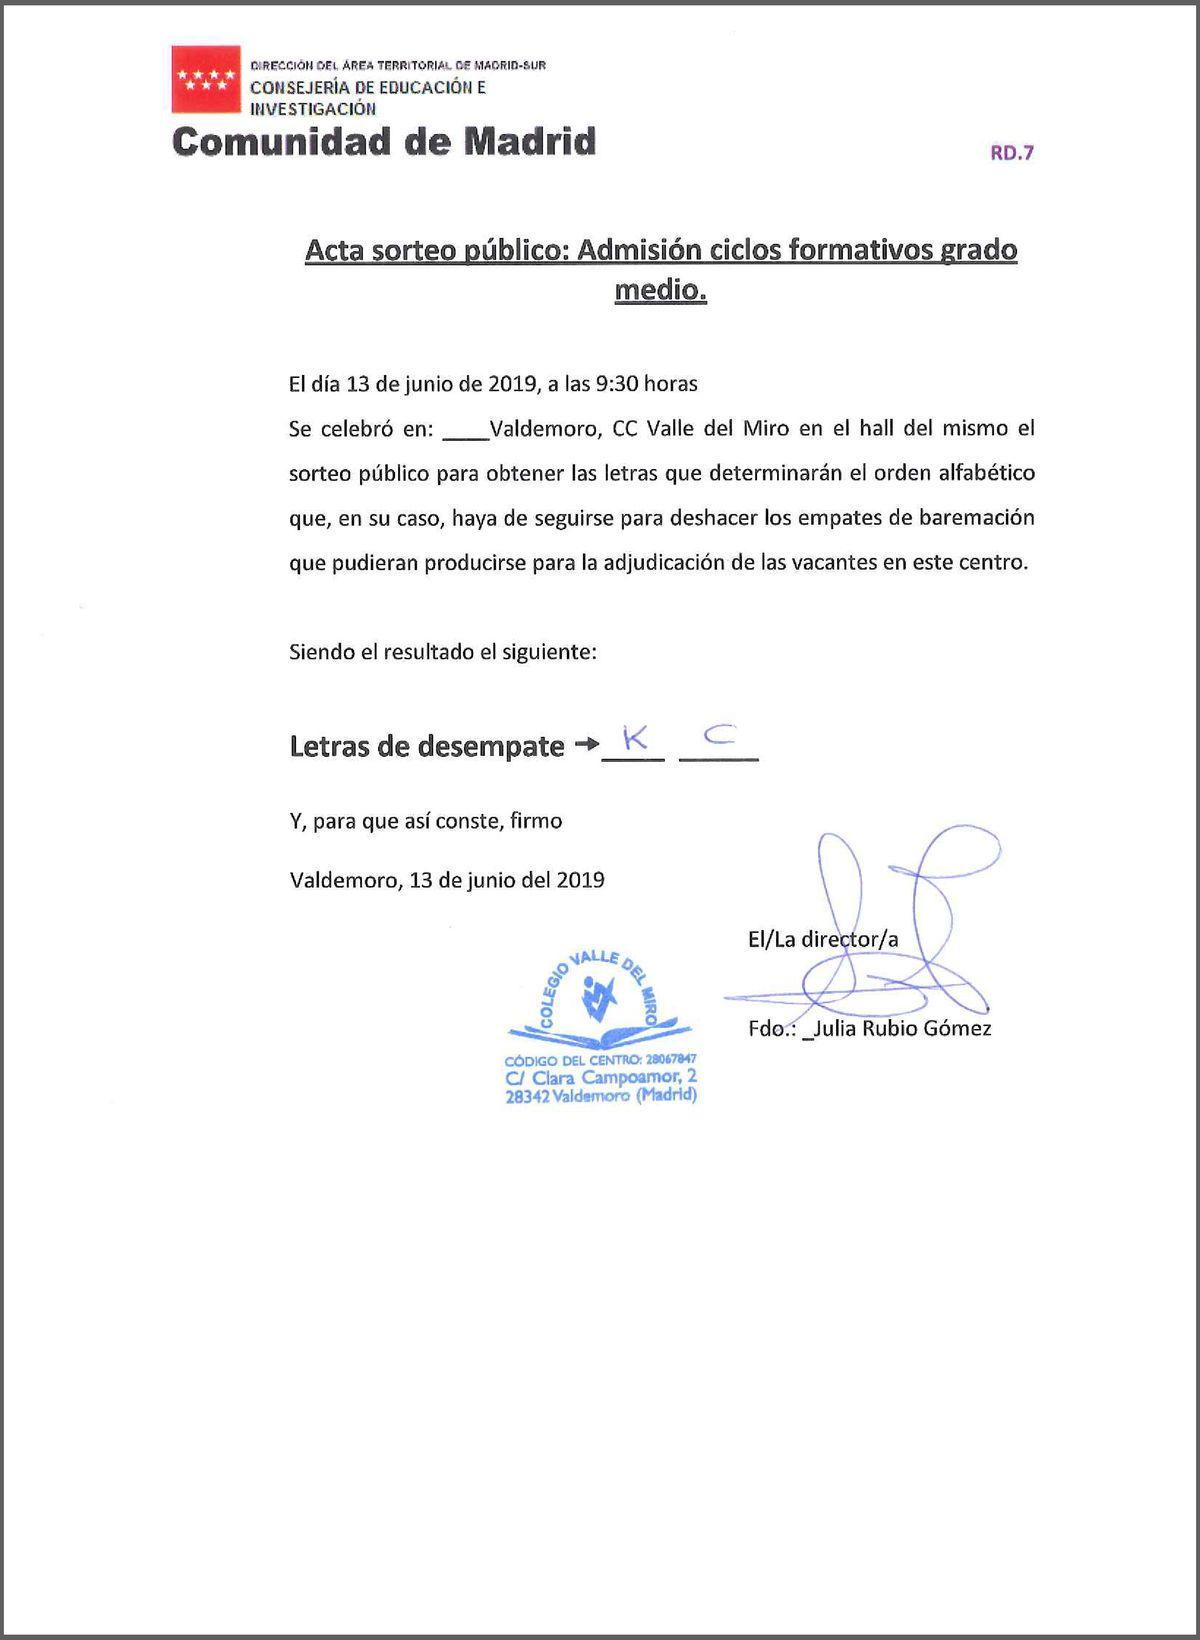 CFGM acta sorteo público letras desempate